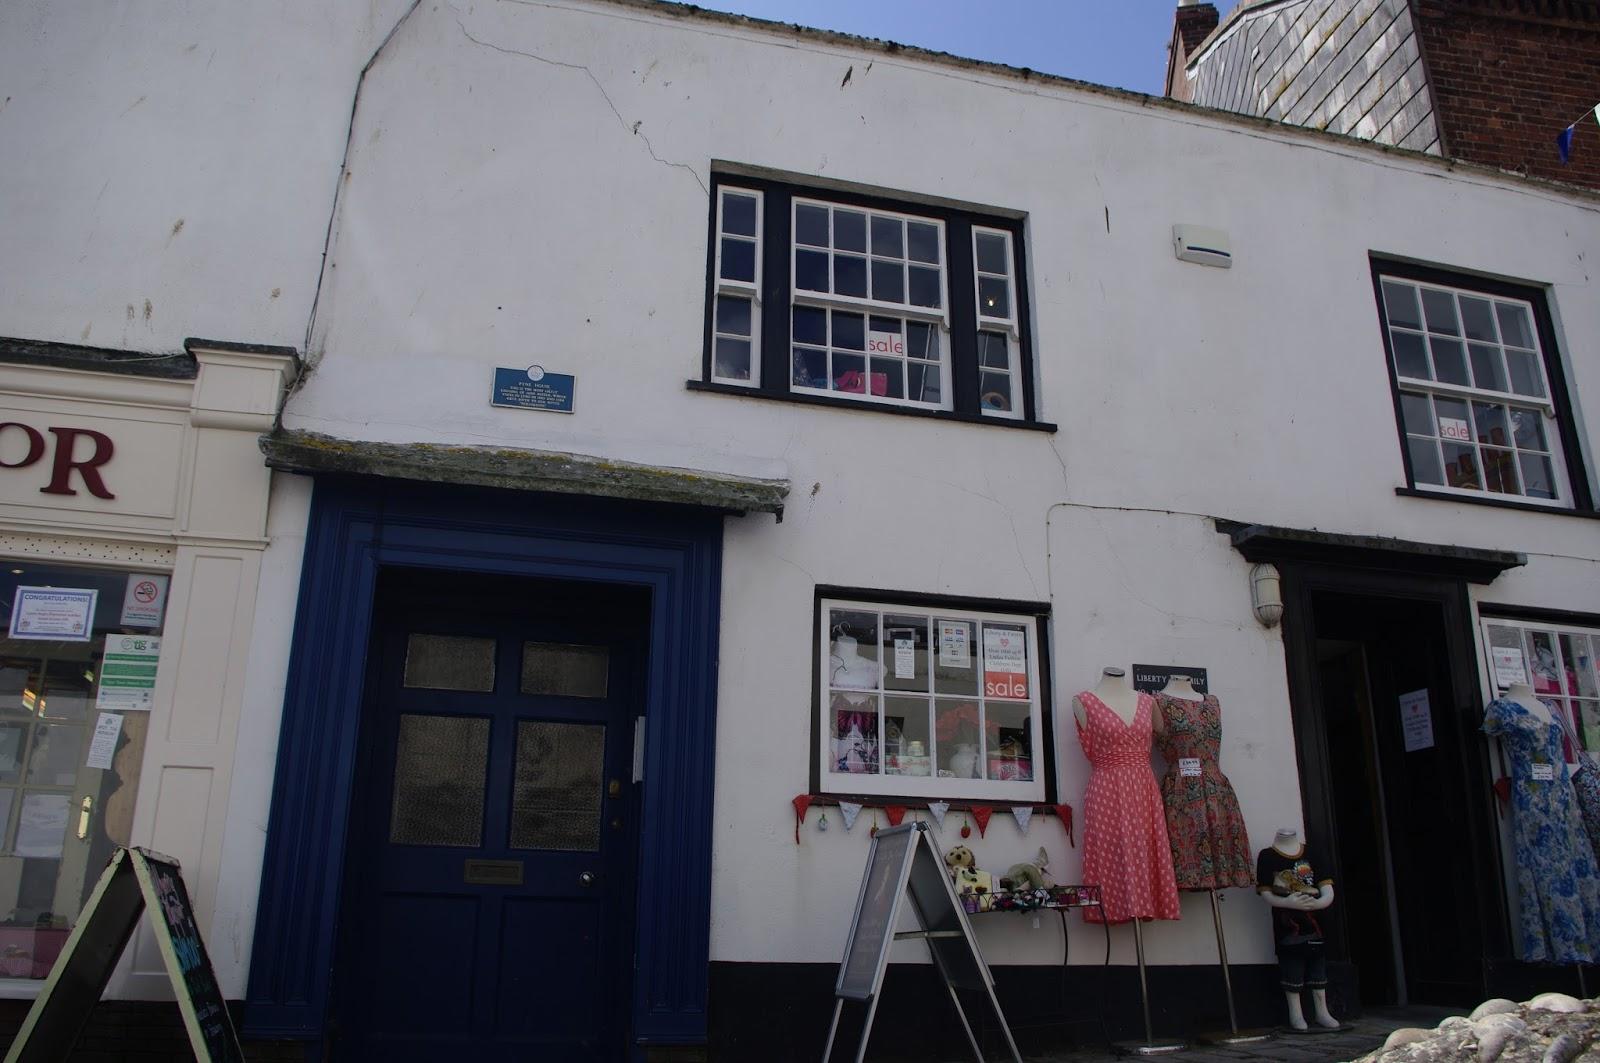 Cafes Near Cannon Street